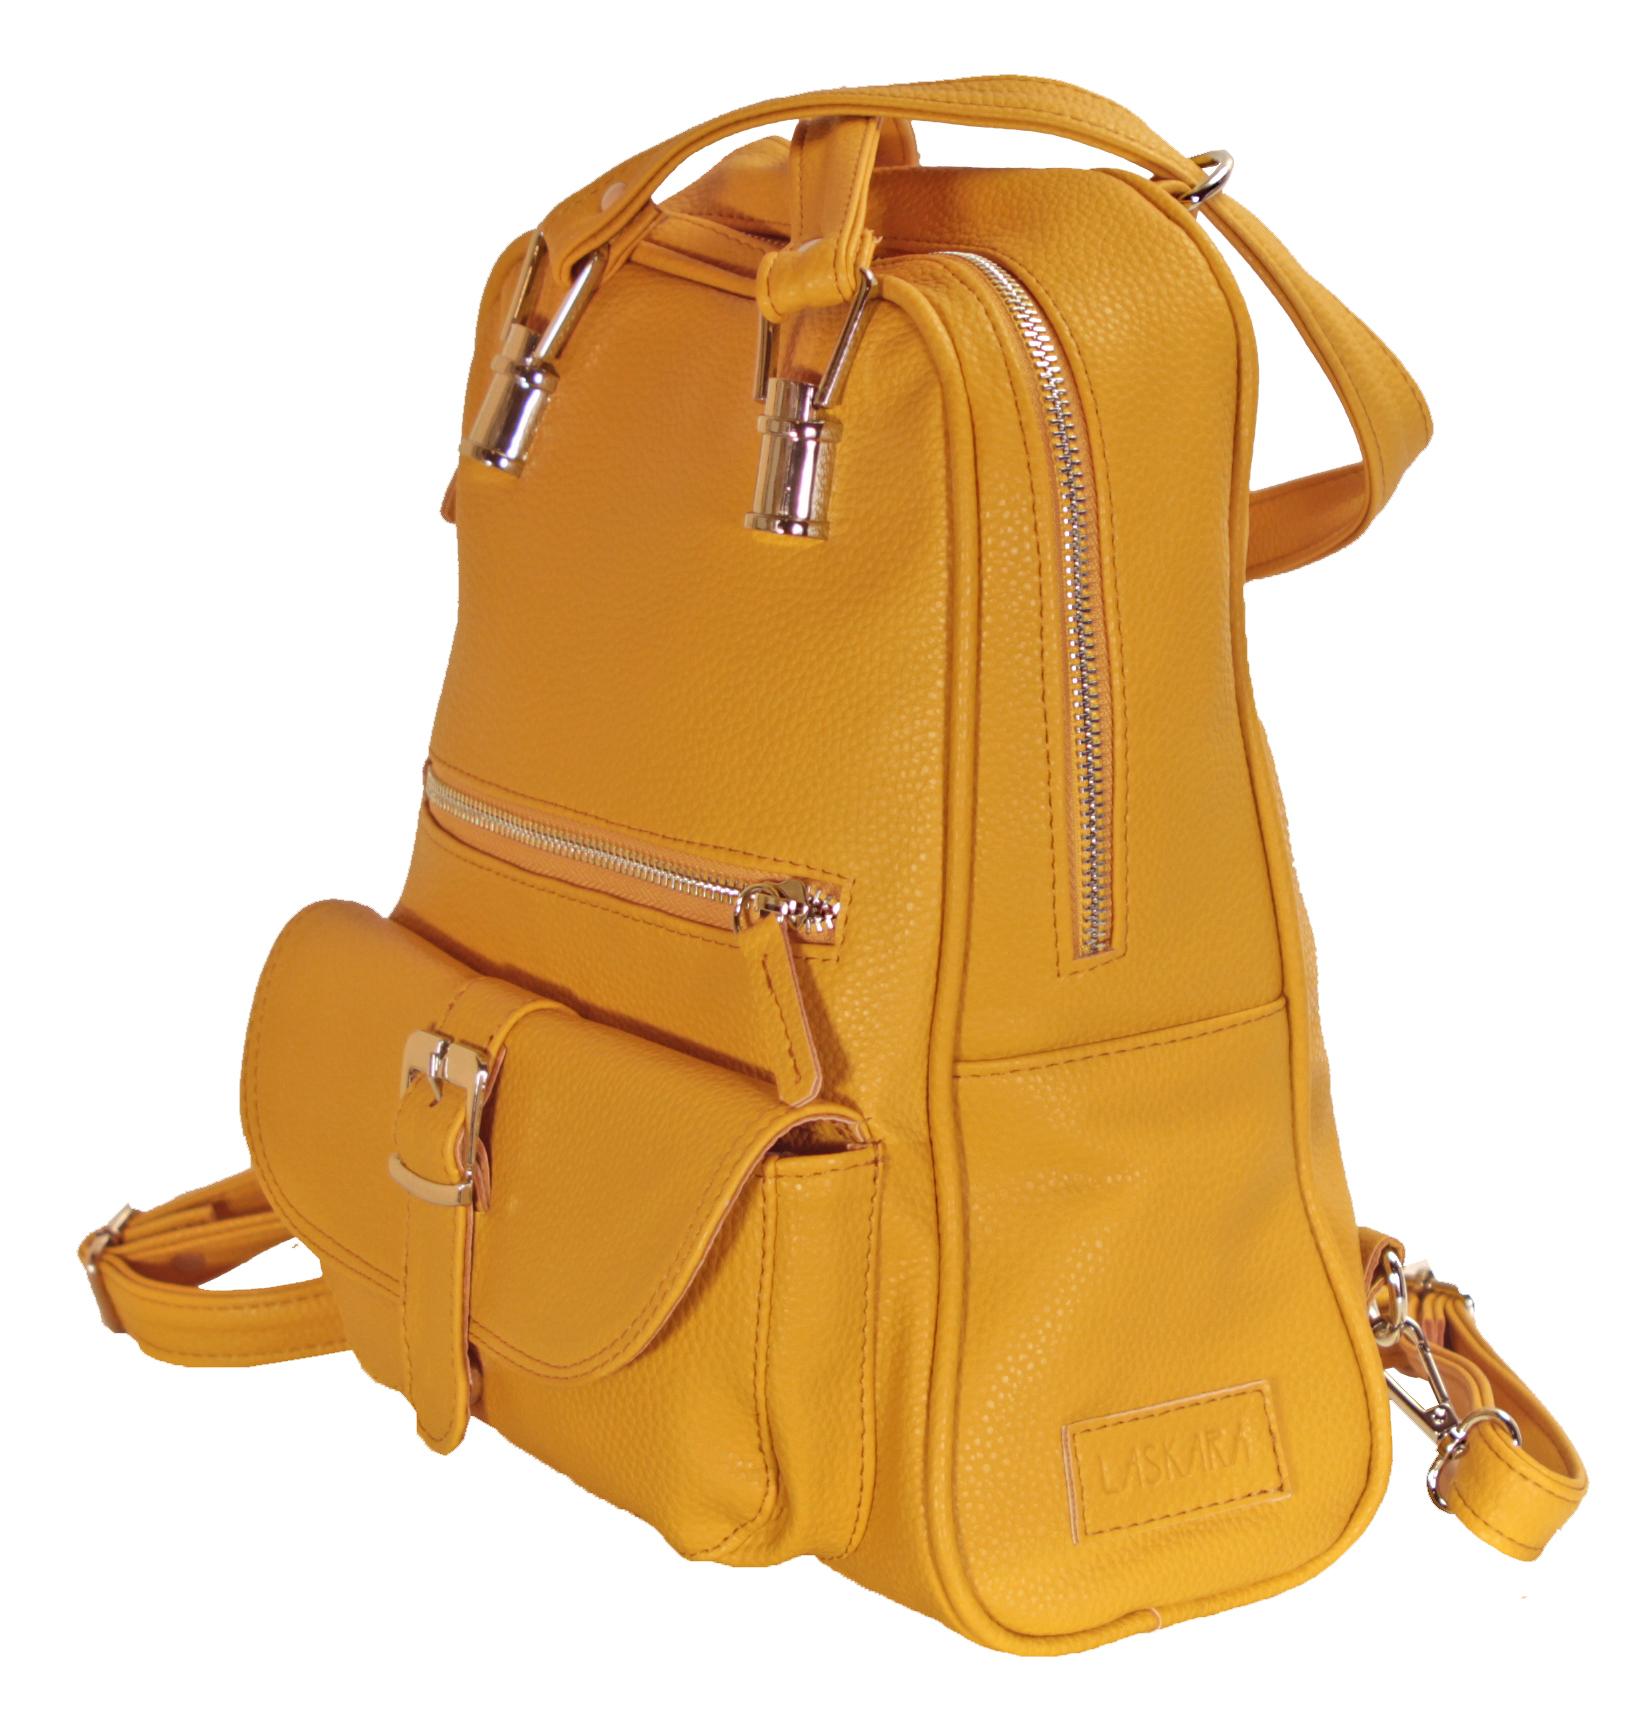 Multifunkční batůžek ve žluté barvě 11-10237-yellow - bok